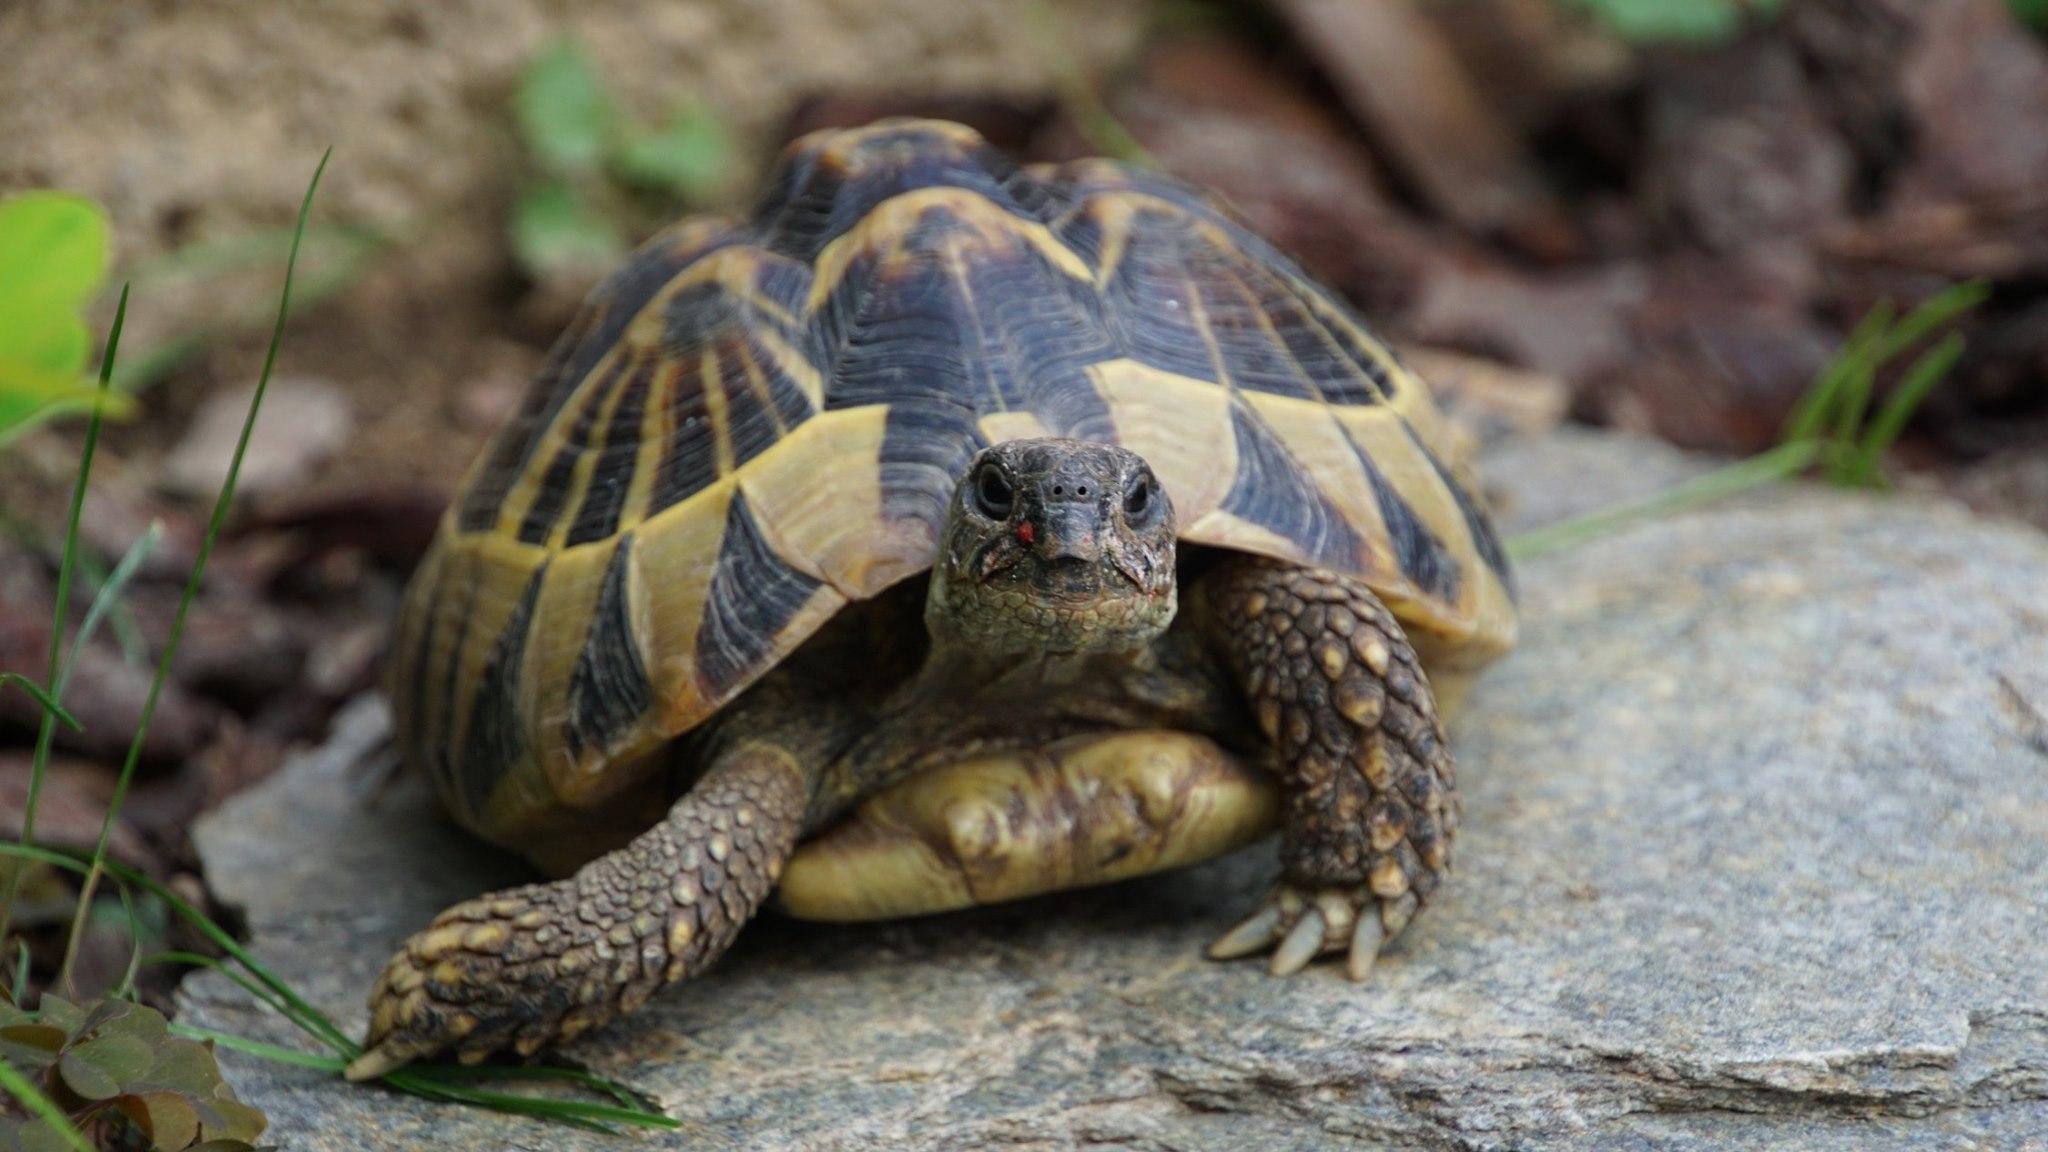 Griechische Landschildkröte 'Henriette' in ihrem Freigehege